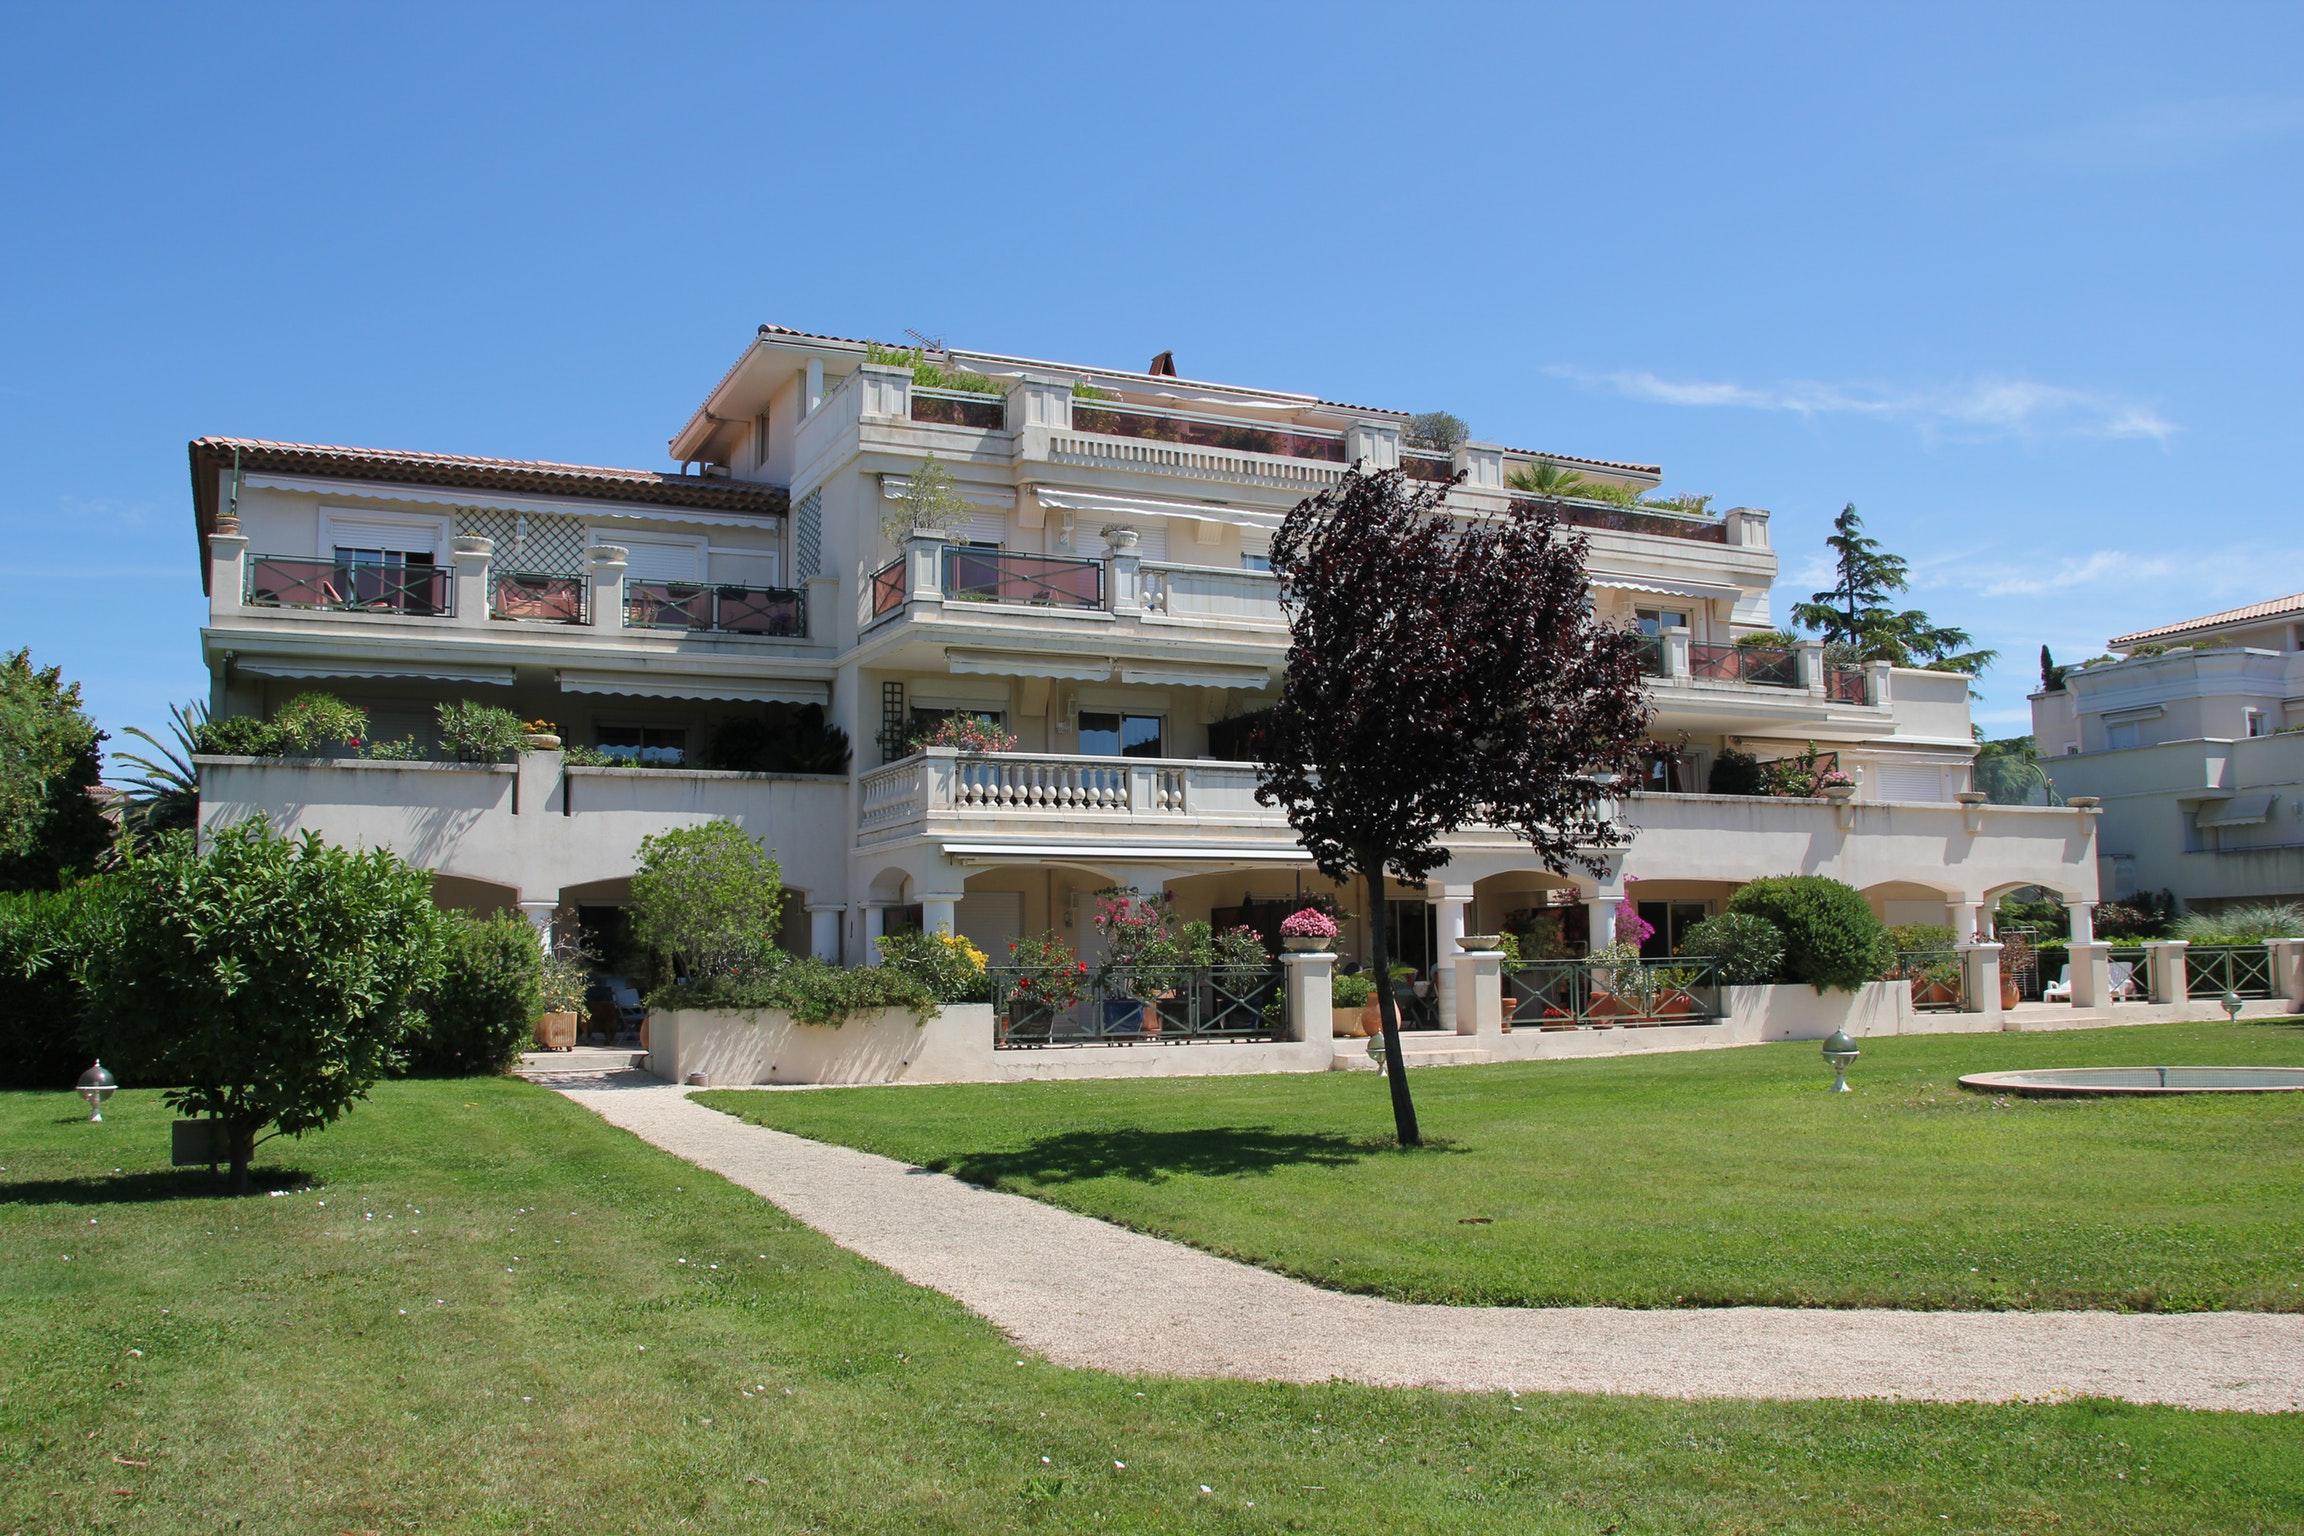 Appartement de vacances Wohnung mit einem Schlafzimmer in Carqueiranne mit Pool, eingezäuntem Garten und W-LAN - 7 (2231381), Carqueiranne, Côte d'Azur, Provence - Alpes - Côte d'Azur, France, image 3